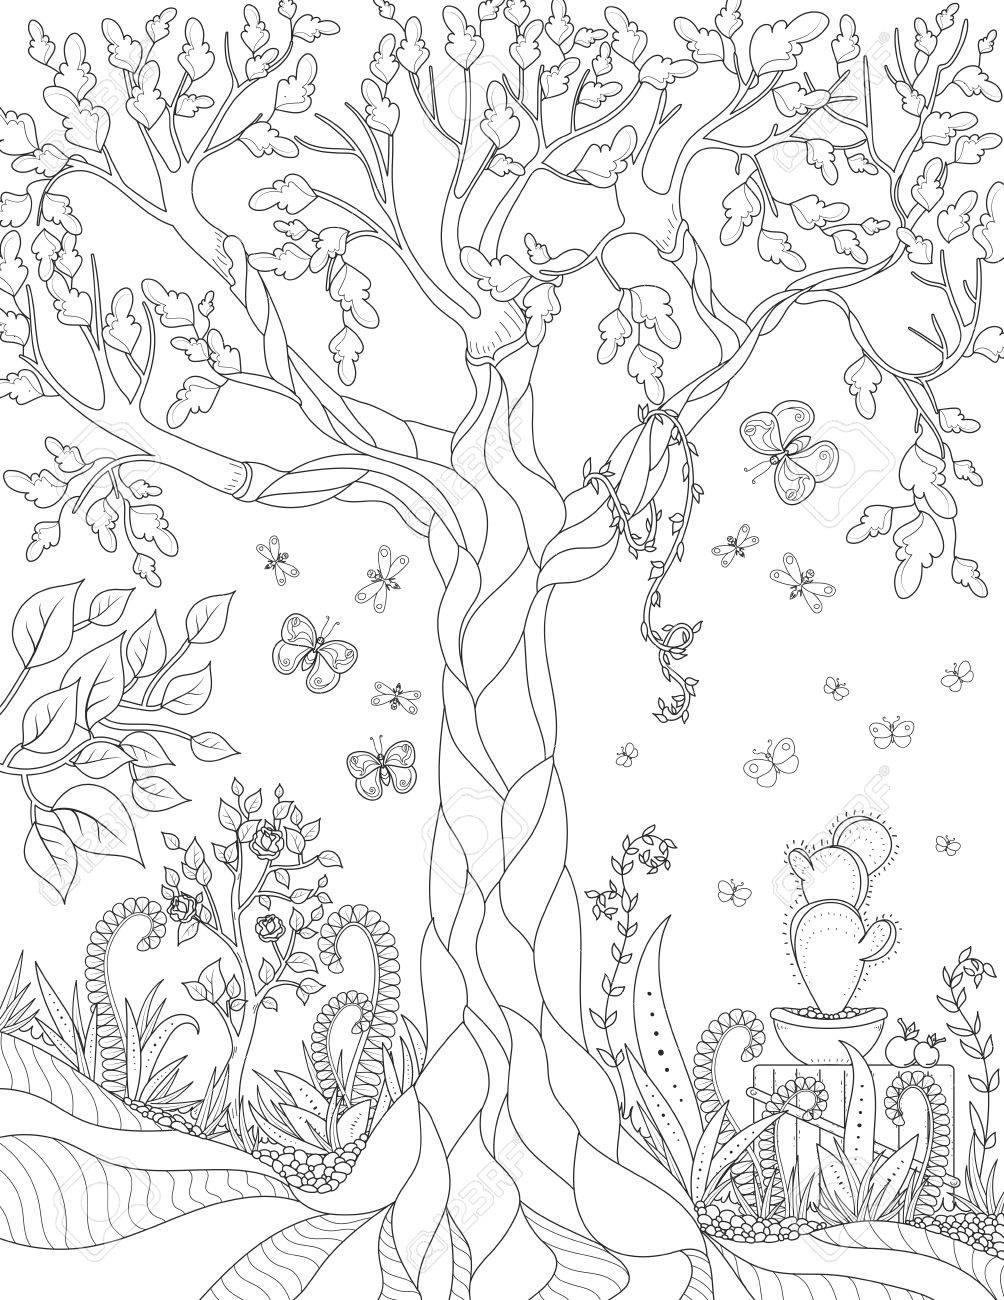 Vector Natur Muster Mit Garten. Anti-Stress-Malbuch Seite Für ...